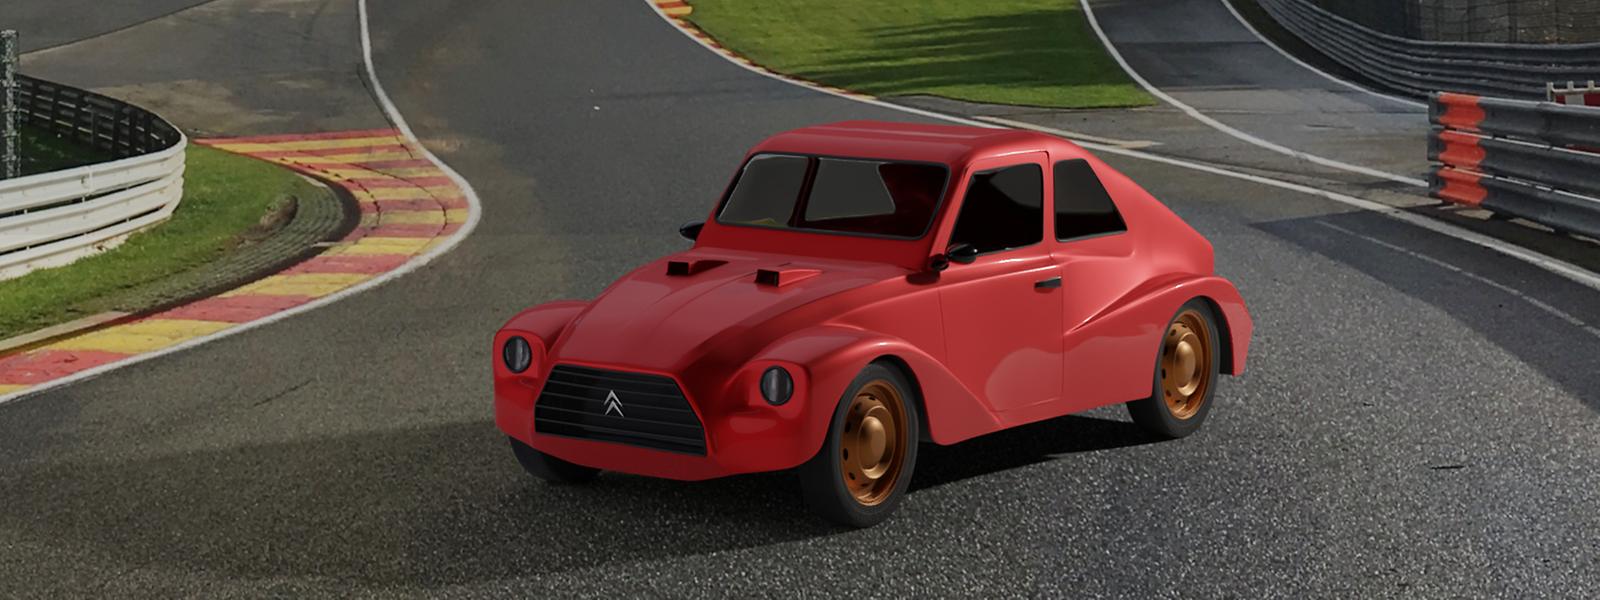 In der Simulation wissen die drei Hobbyrennfahrer bereits, wie ihr Auto einmal aussehen soll - in der Realität wartet dazu noch einiges an Arbeit auf sie.